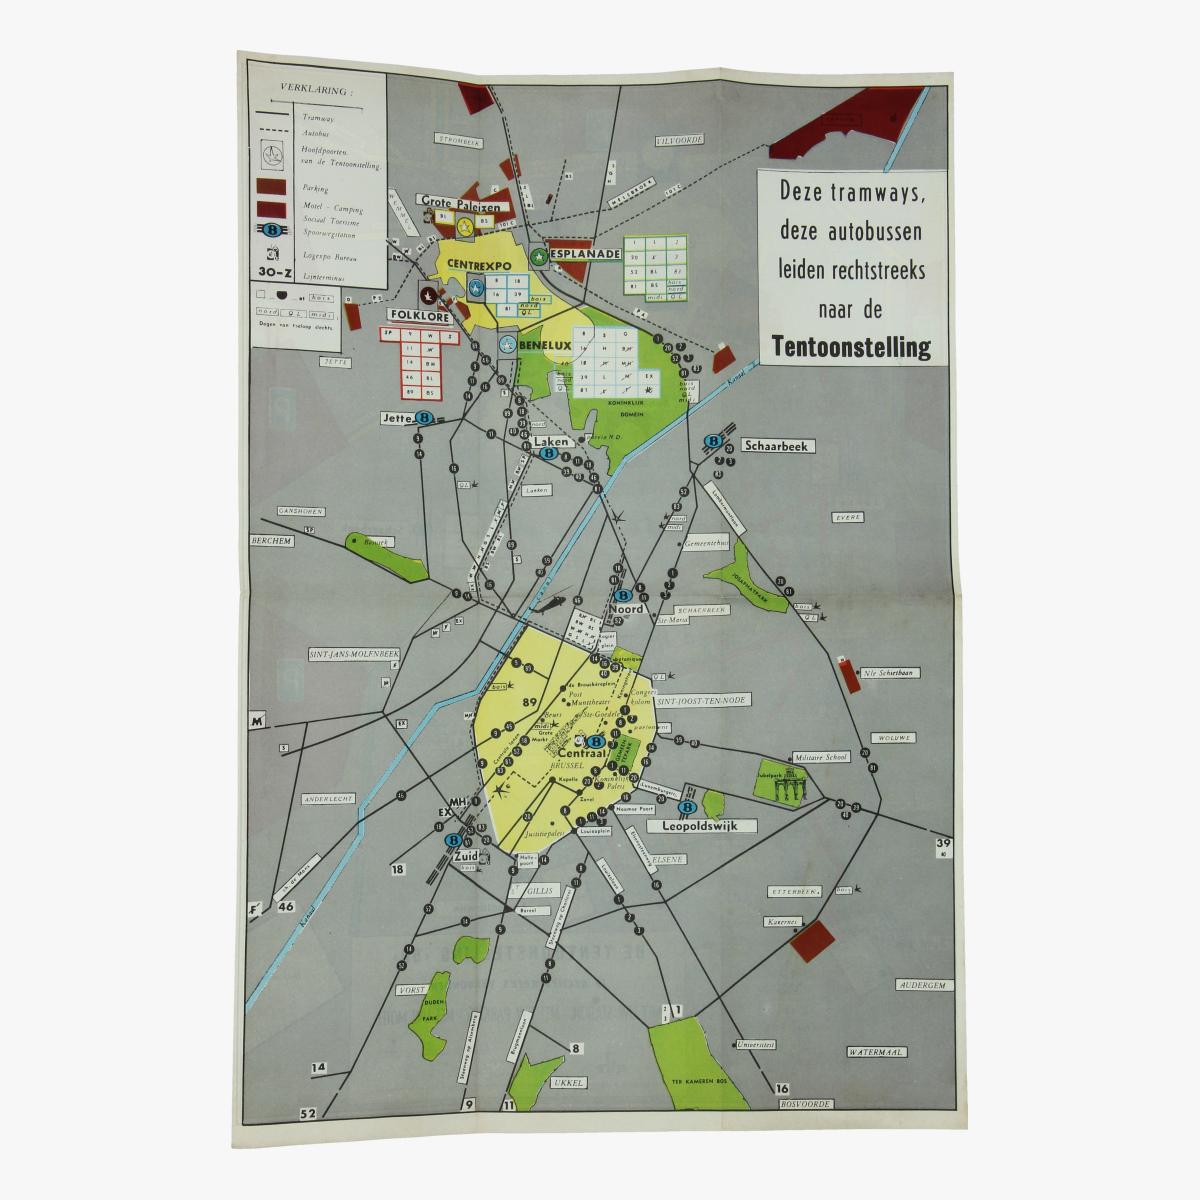 Afbeeldingen van expo 58 plan tramways, autobussen, station, parking en motel